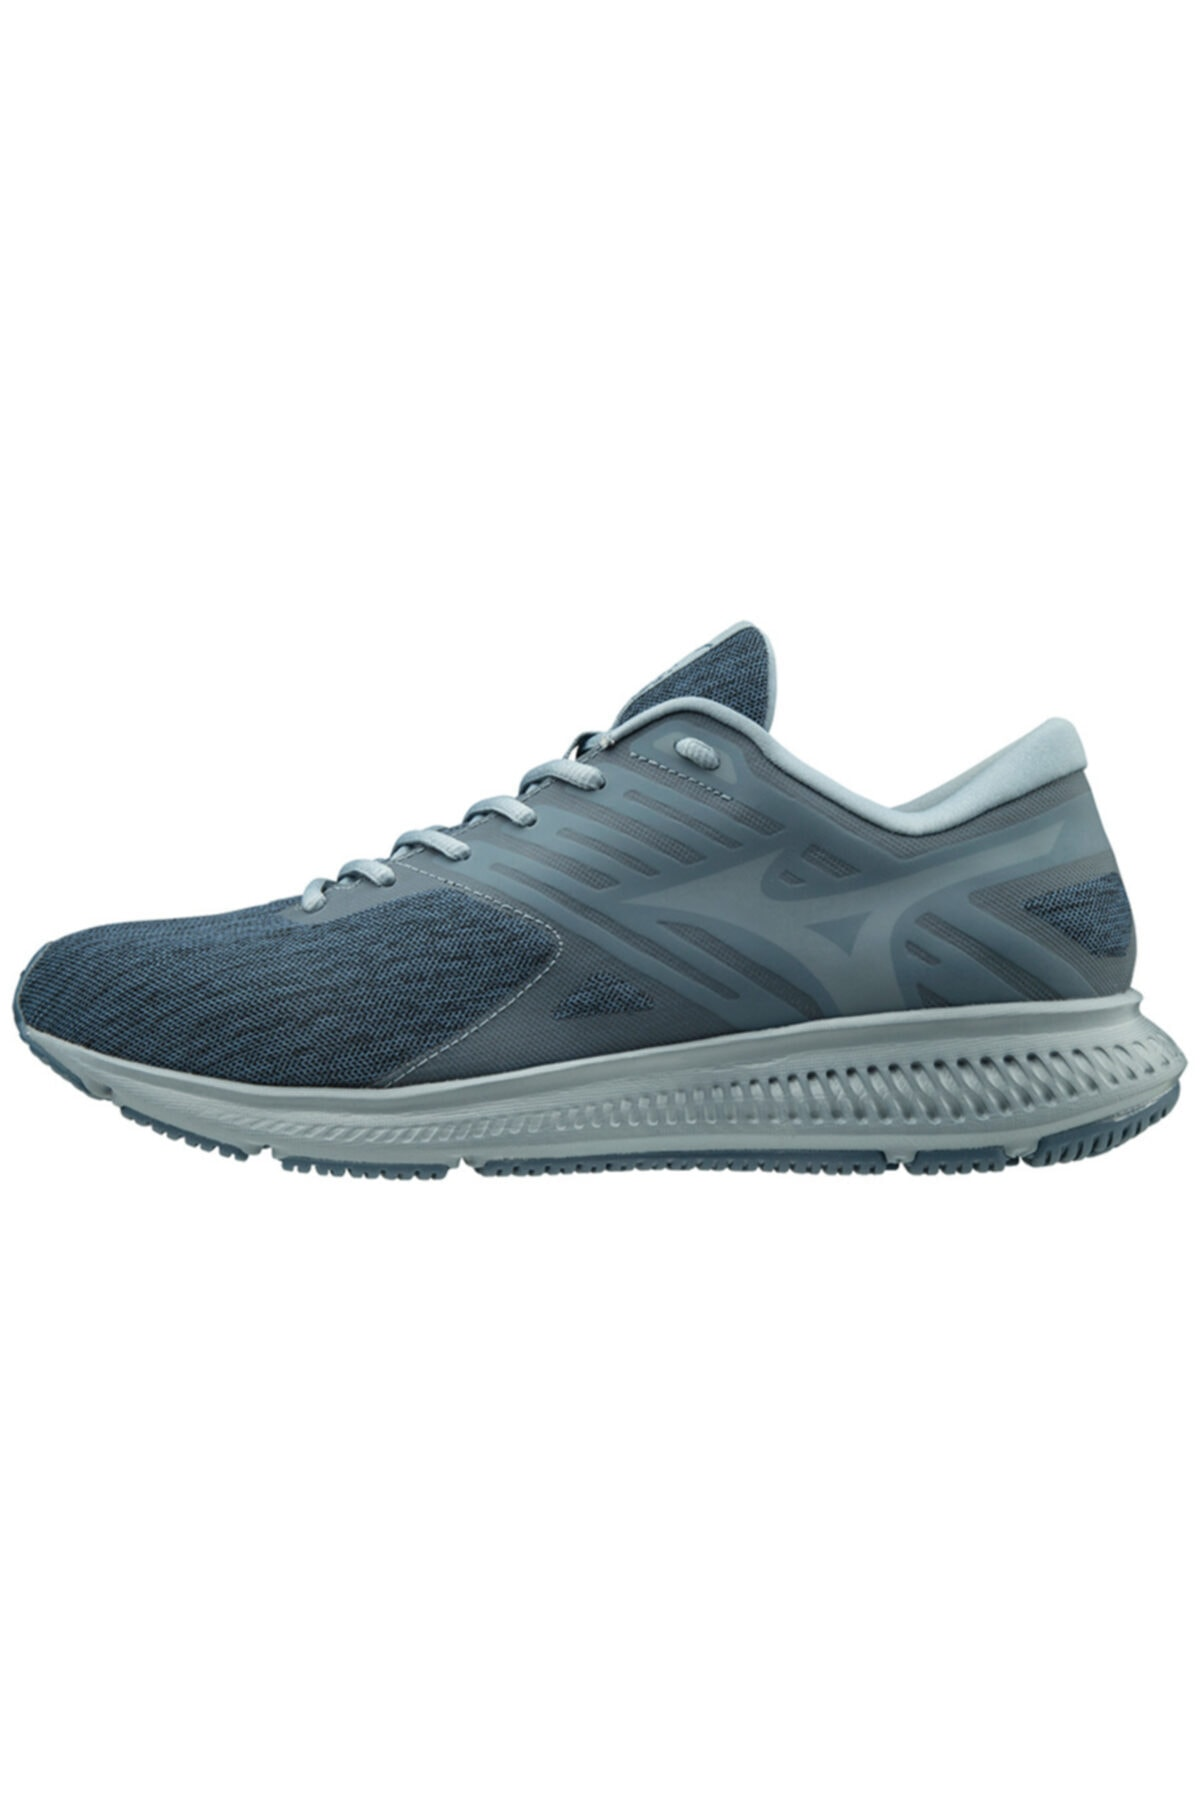 MIZUNO Ezrun Lx 2 Erkek Koşu Ayakkabısı Mavi/gri 1